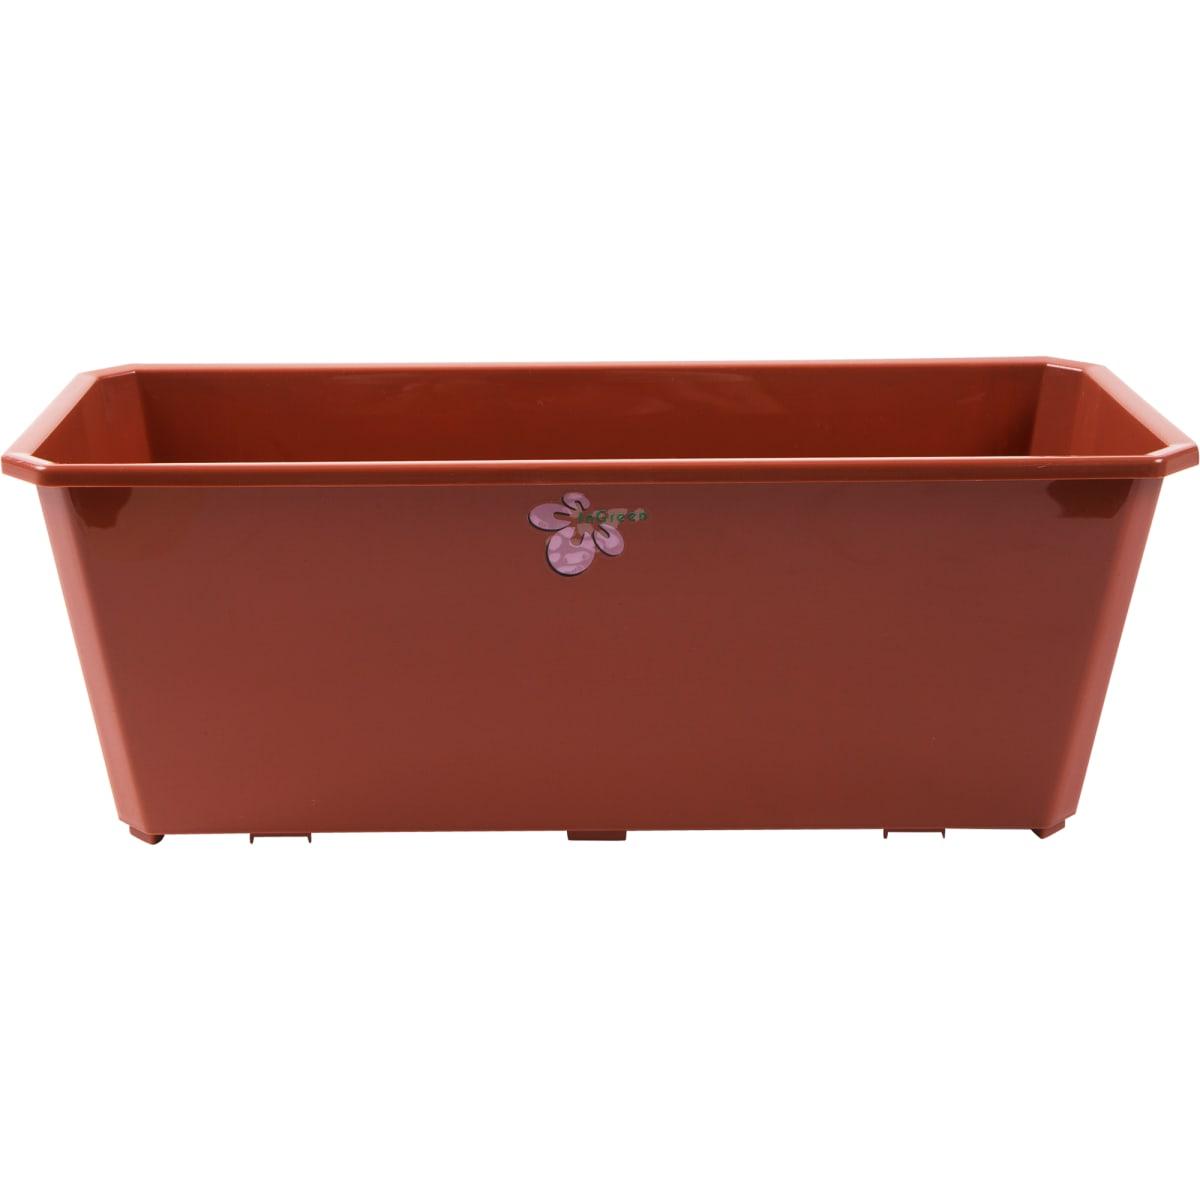 Ящик балконный терракот 40 см, пластик